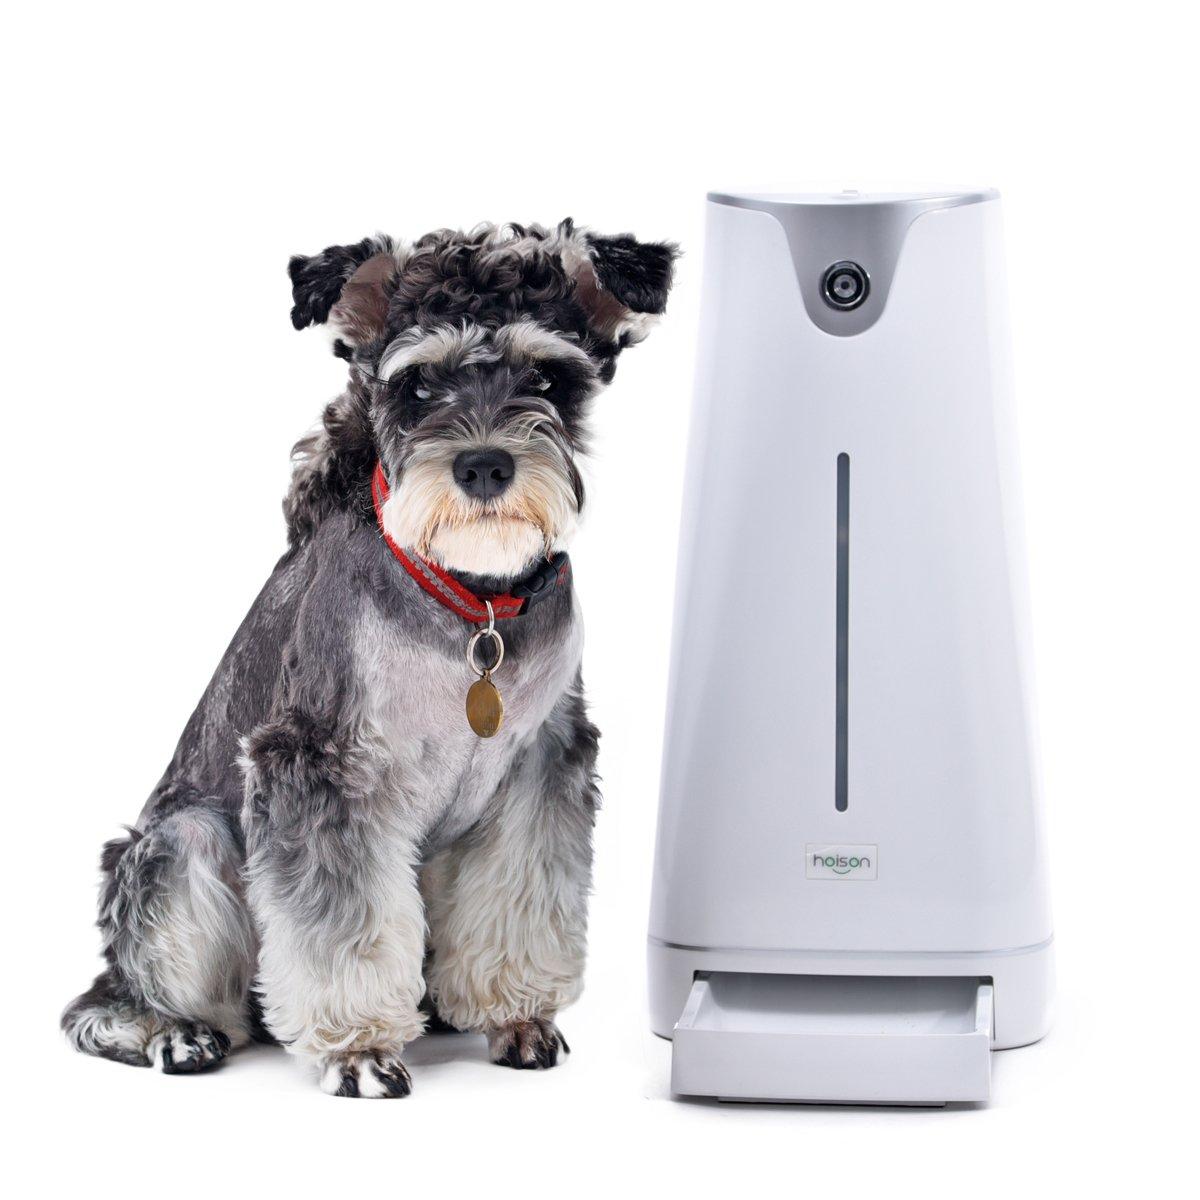 PAWZ Road Futterautomat Automatischer Futterspender Fernsteuerung durch Smartphone mit Webcam & Wi-Fi-Funktion